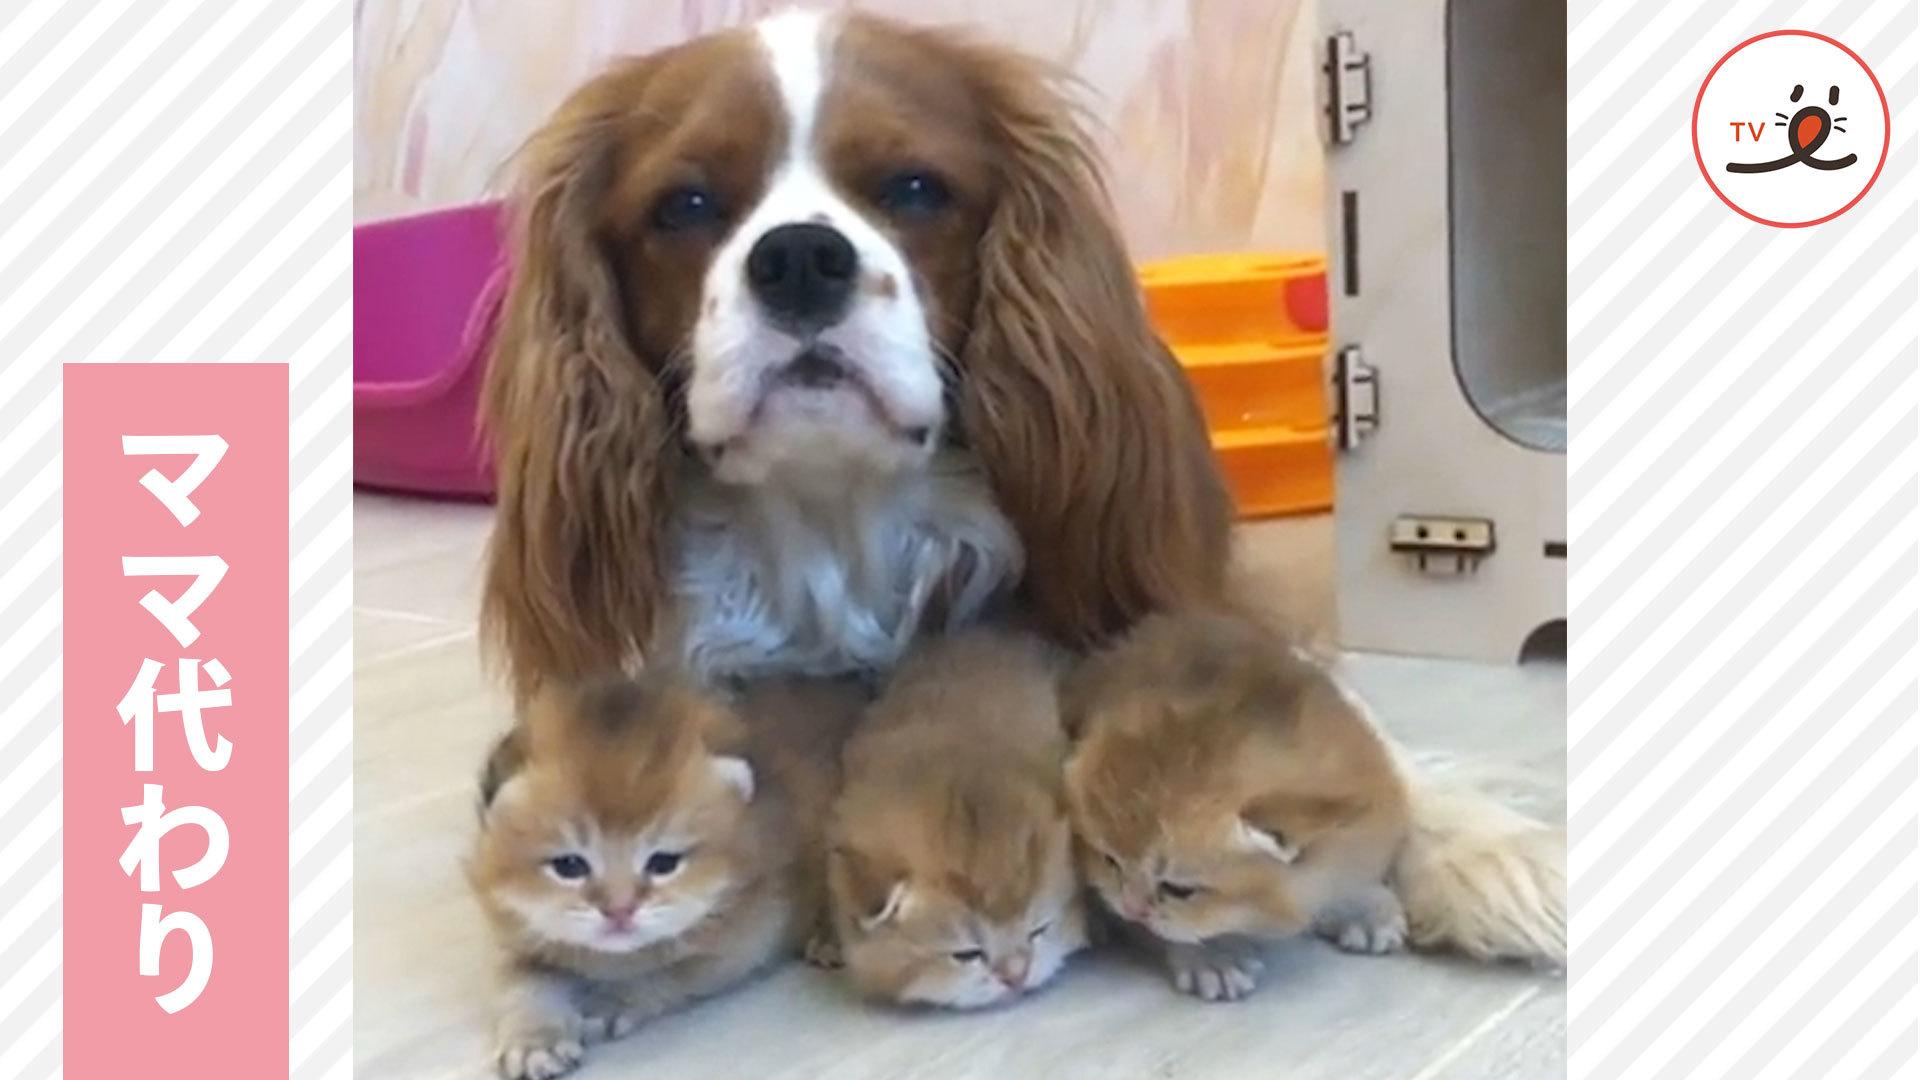 まるで母のよう💕 小さな子猫たちを、腕の中で守るワンコ🐶